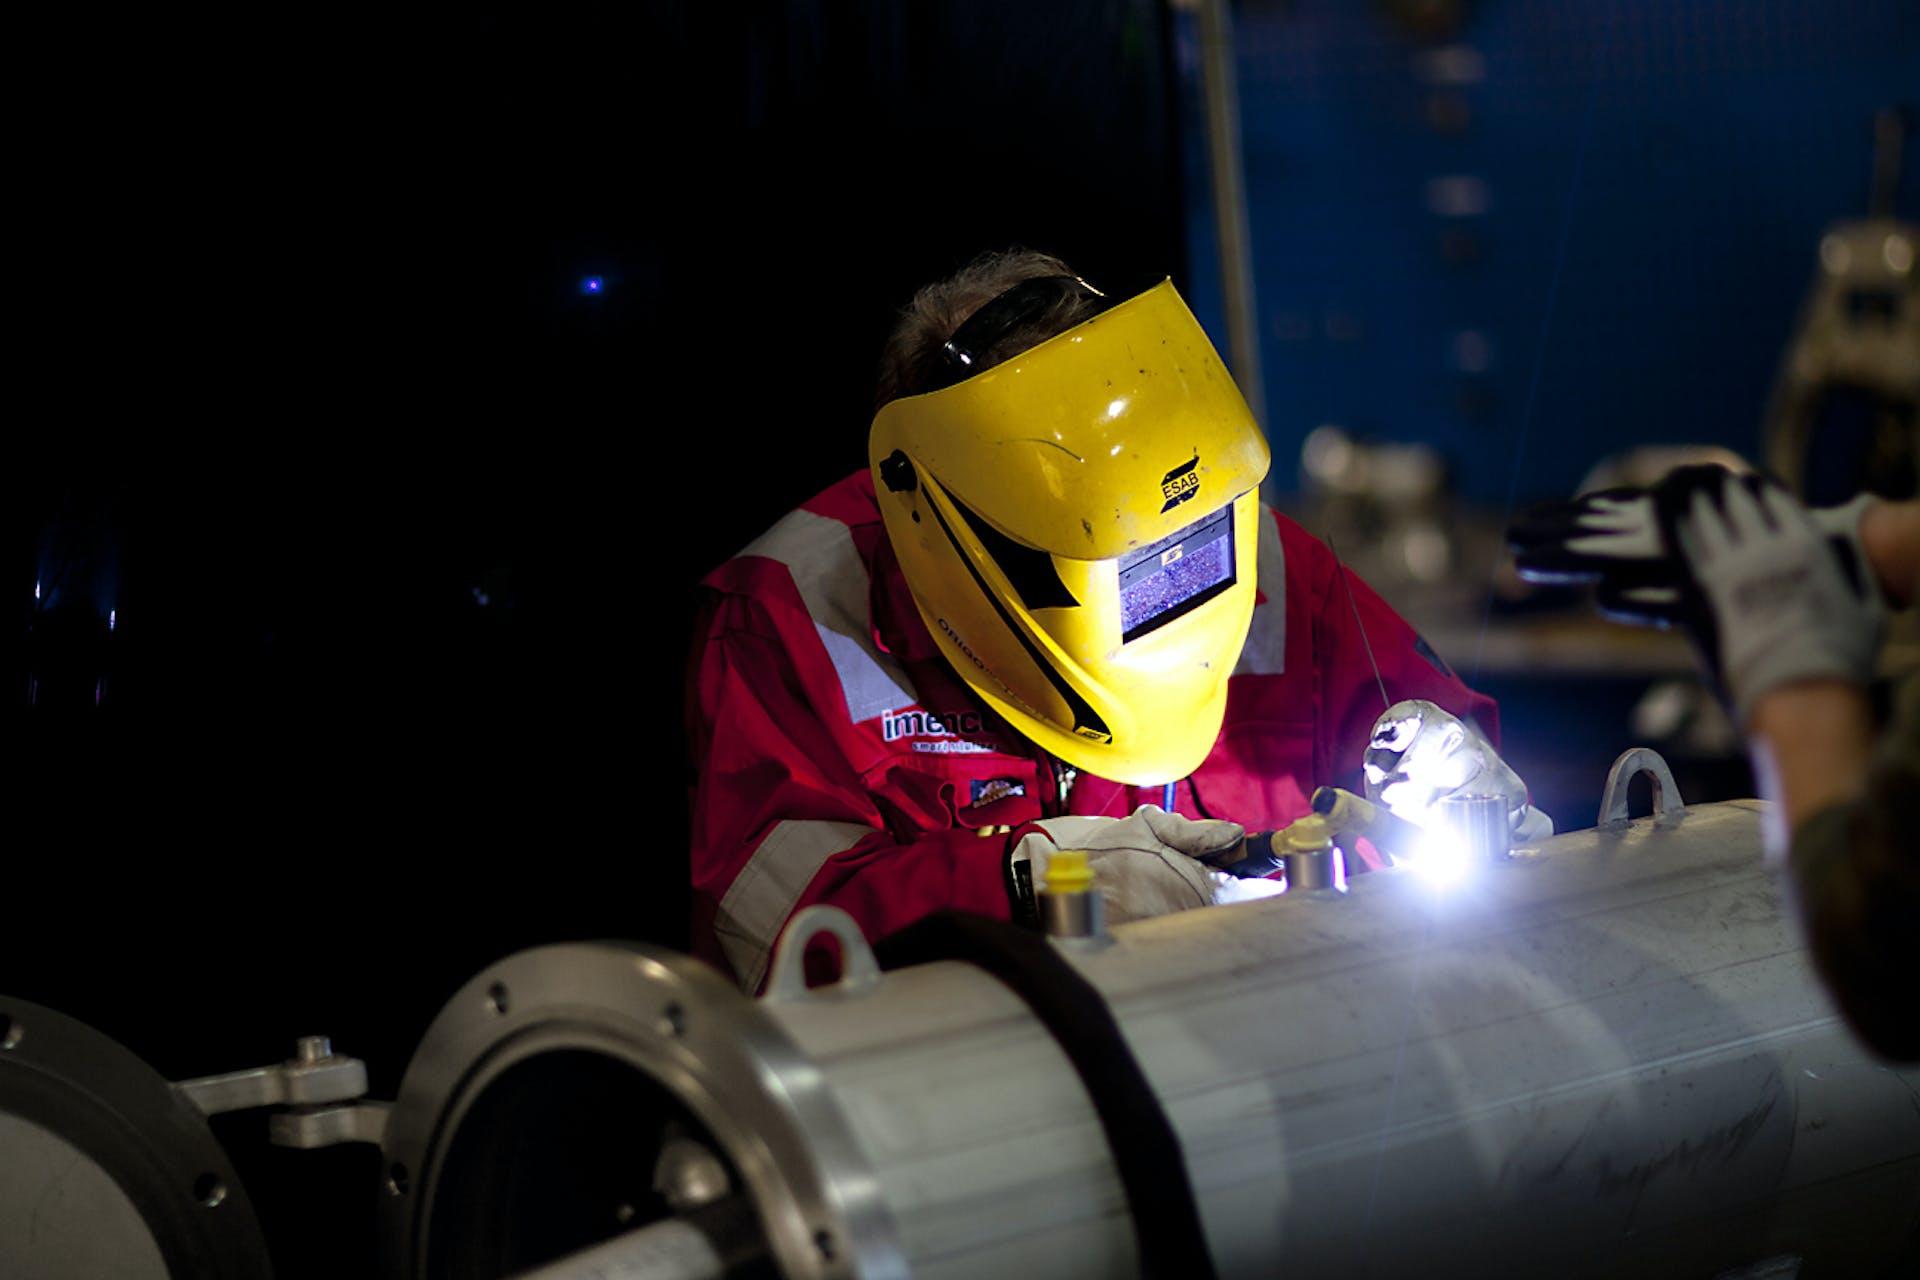 Workshop welding